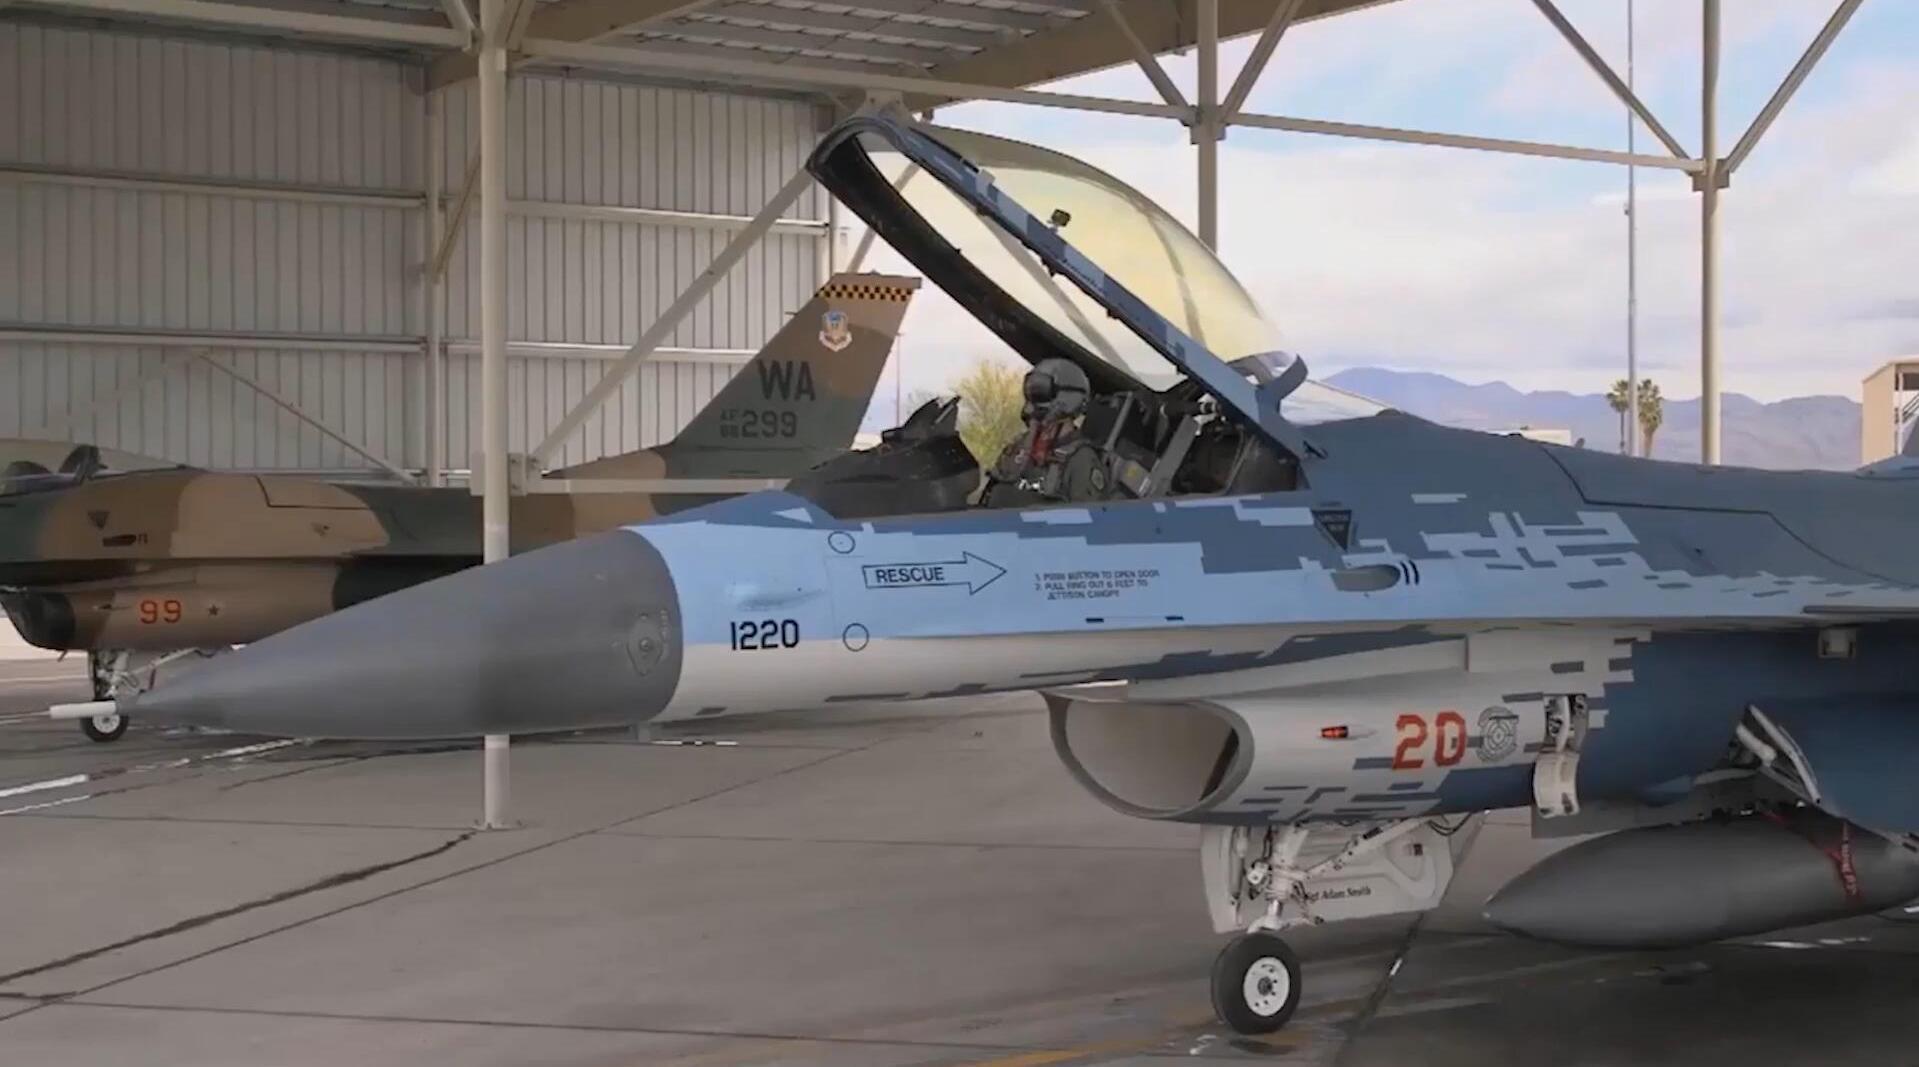 换上苏-57涂装的F-16C战斗机,驾驶舱视角记录起飞全过程!